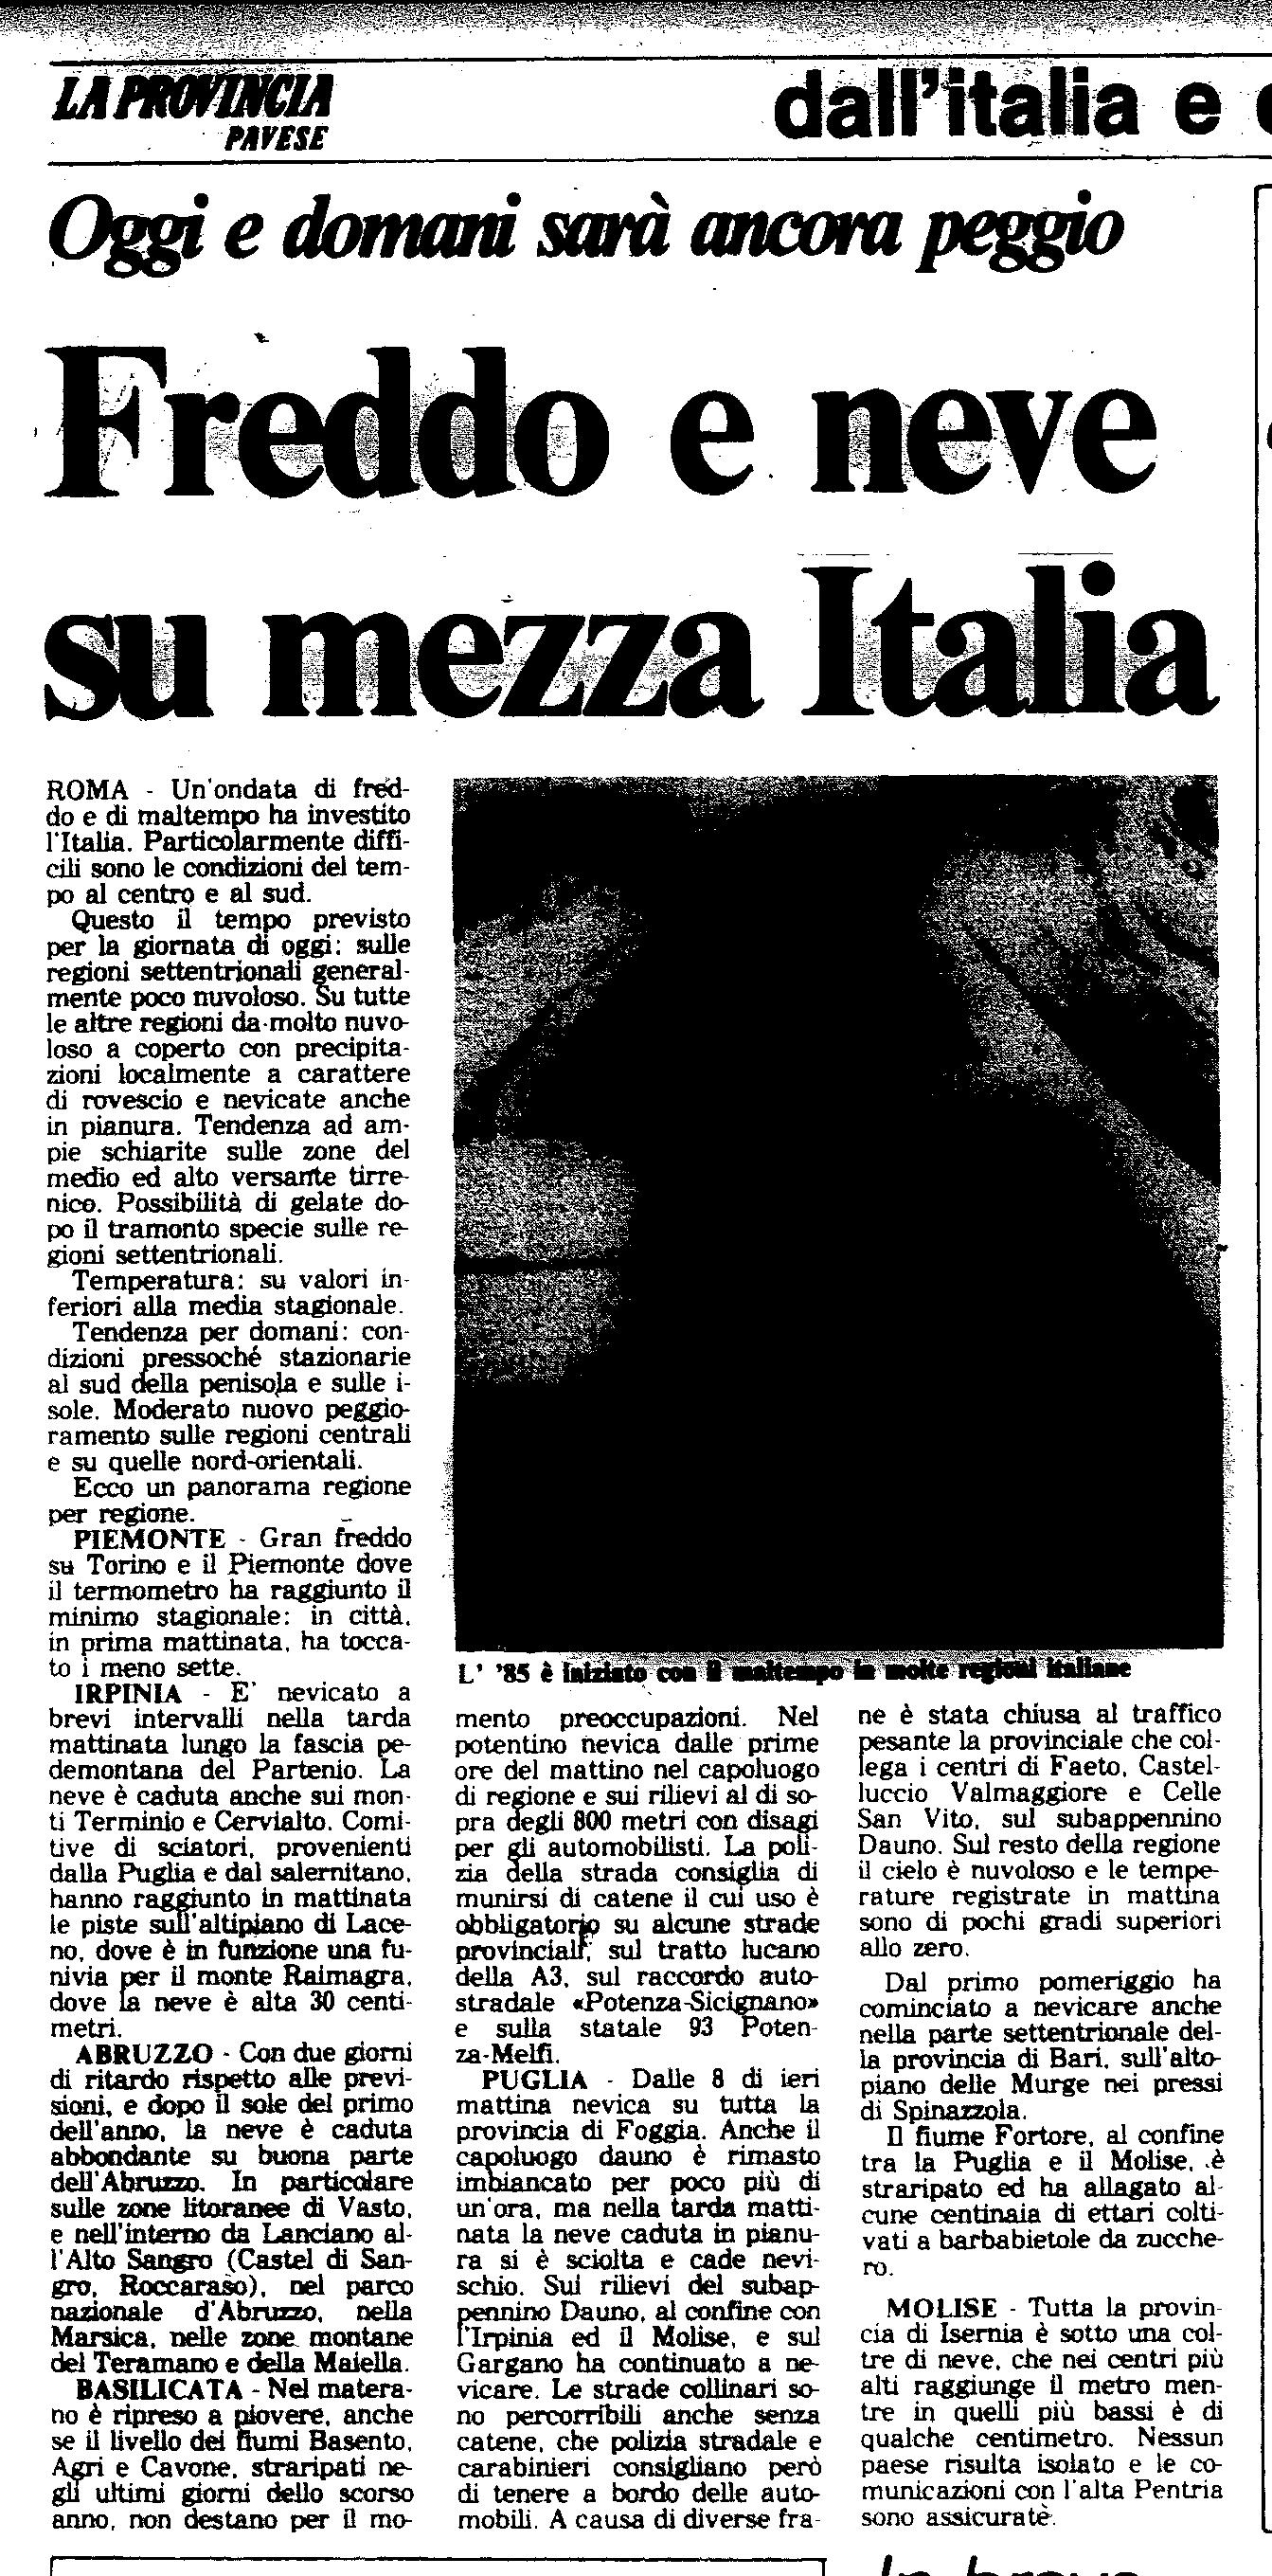 Un articolo del 3 Gennaio 1985 de